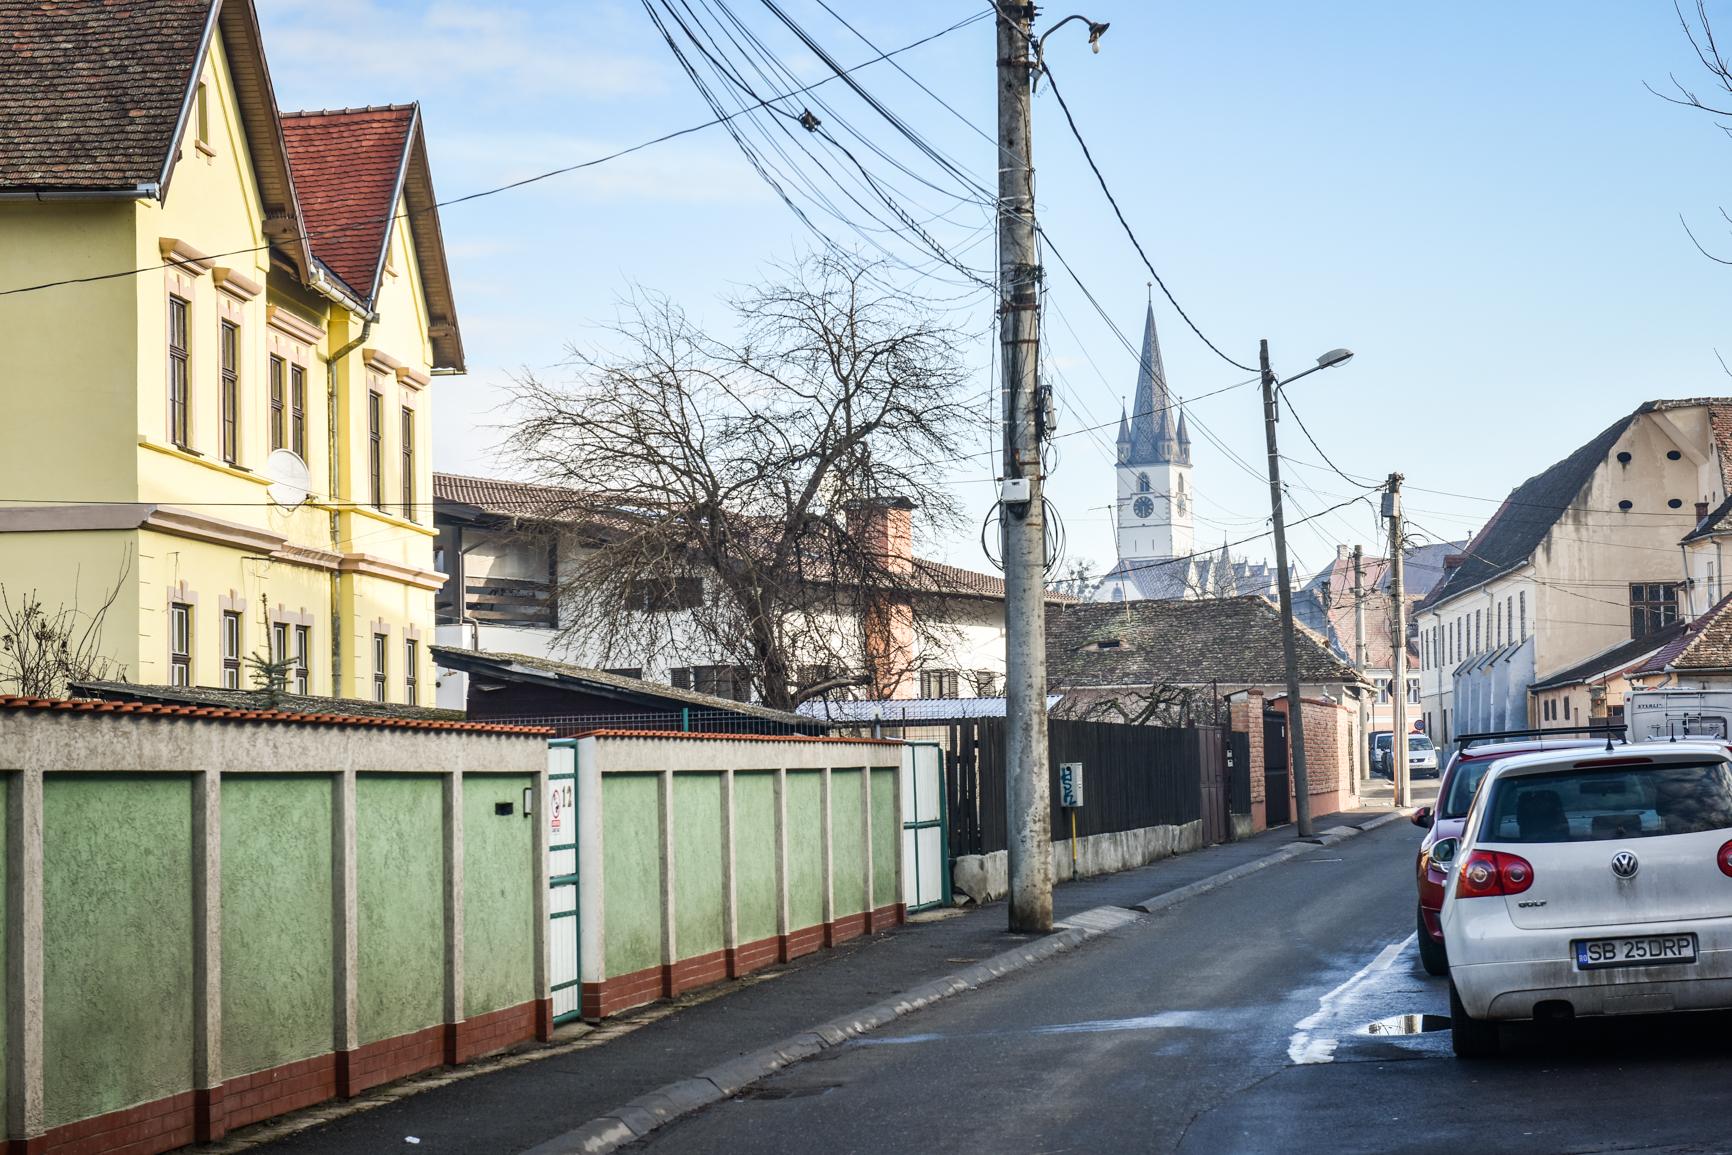 3,54 - incidența în municipiul Sibiu, în scădere ușoară. Șelimbărul, aproape de 4 cazuri la mia de locuitori